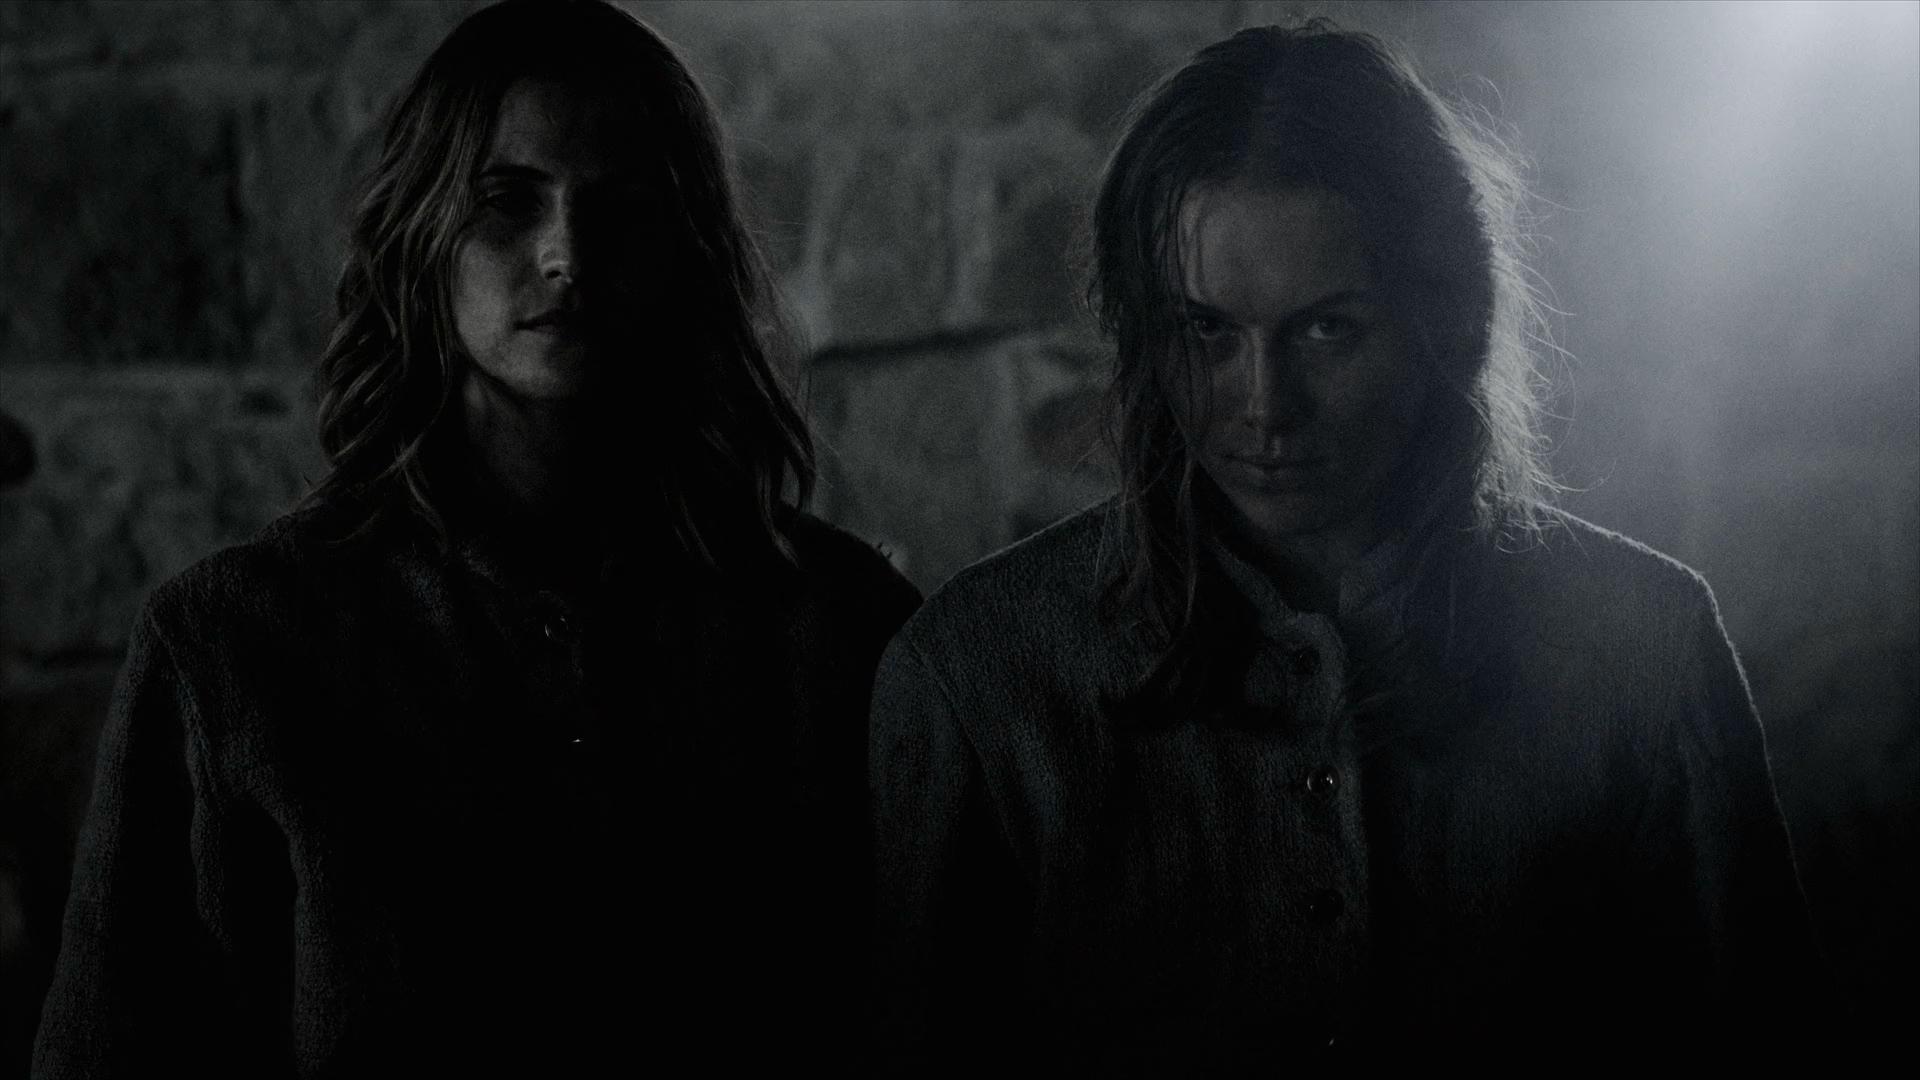 El crepúsculo Temporada 1 (2020) 1080p WEB-DL Latino